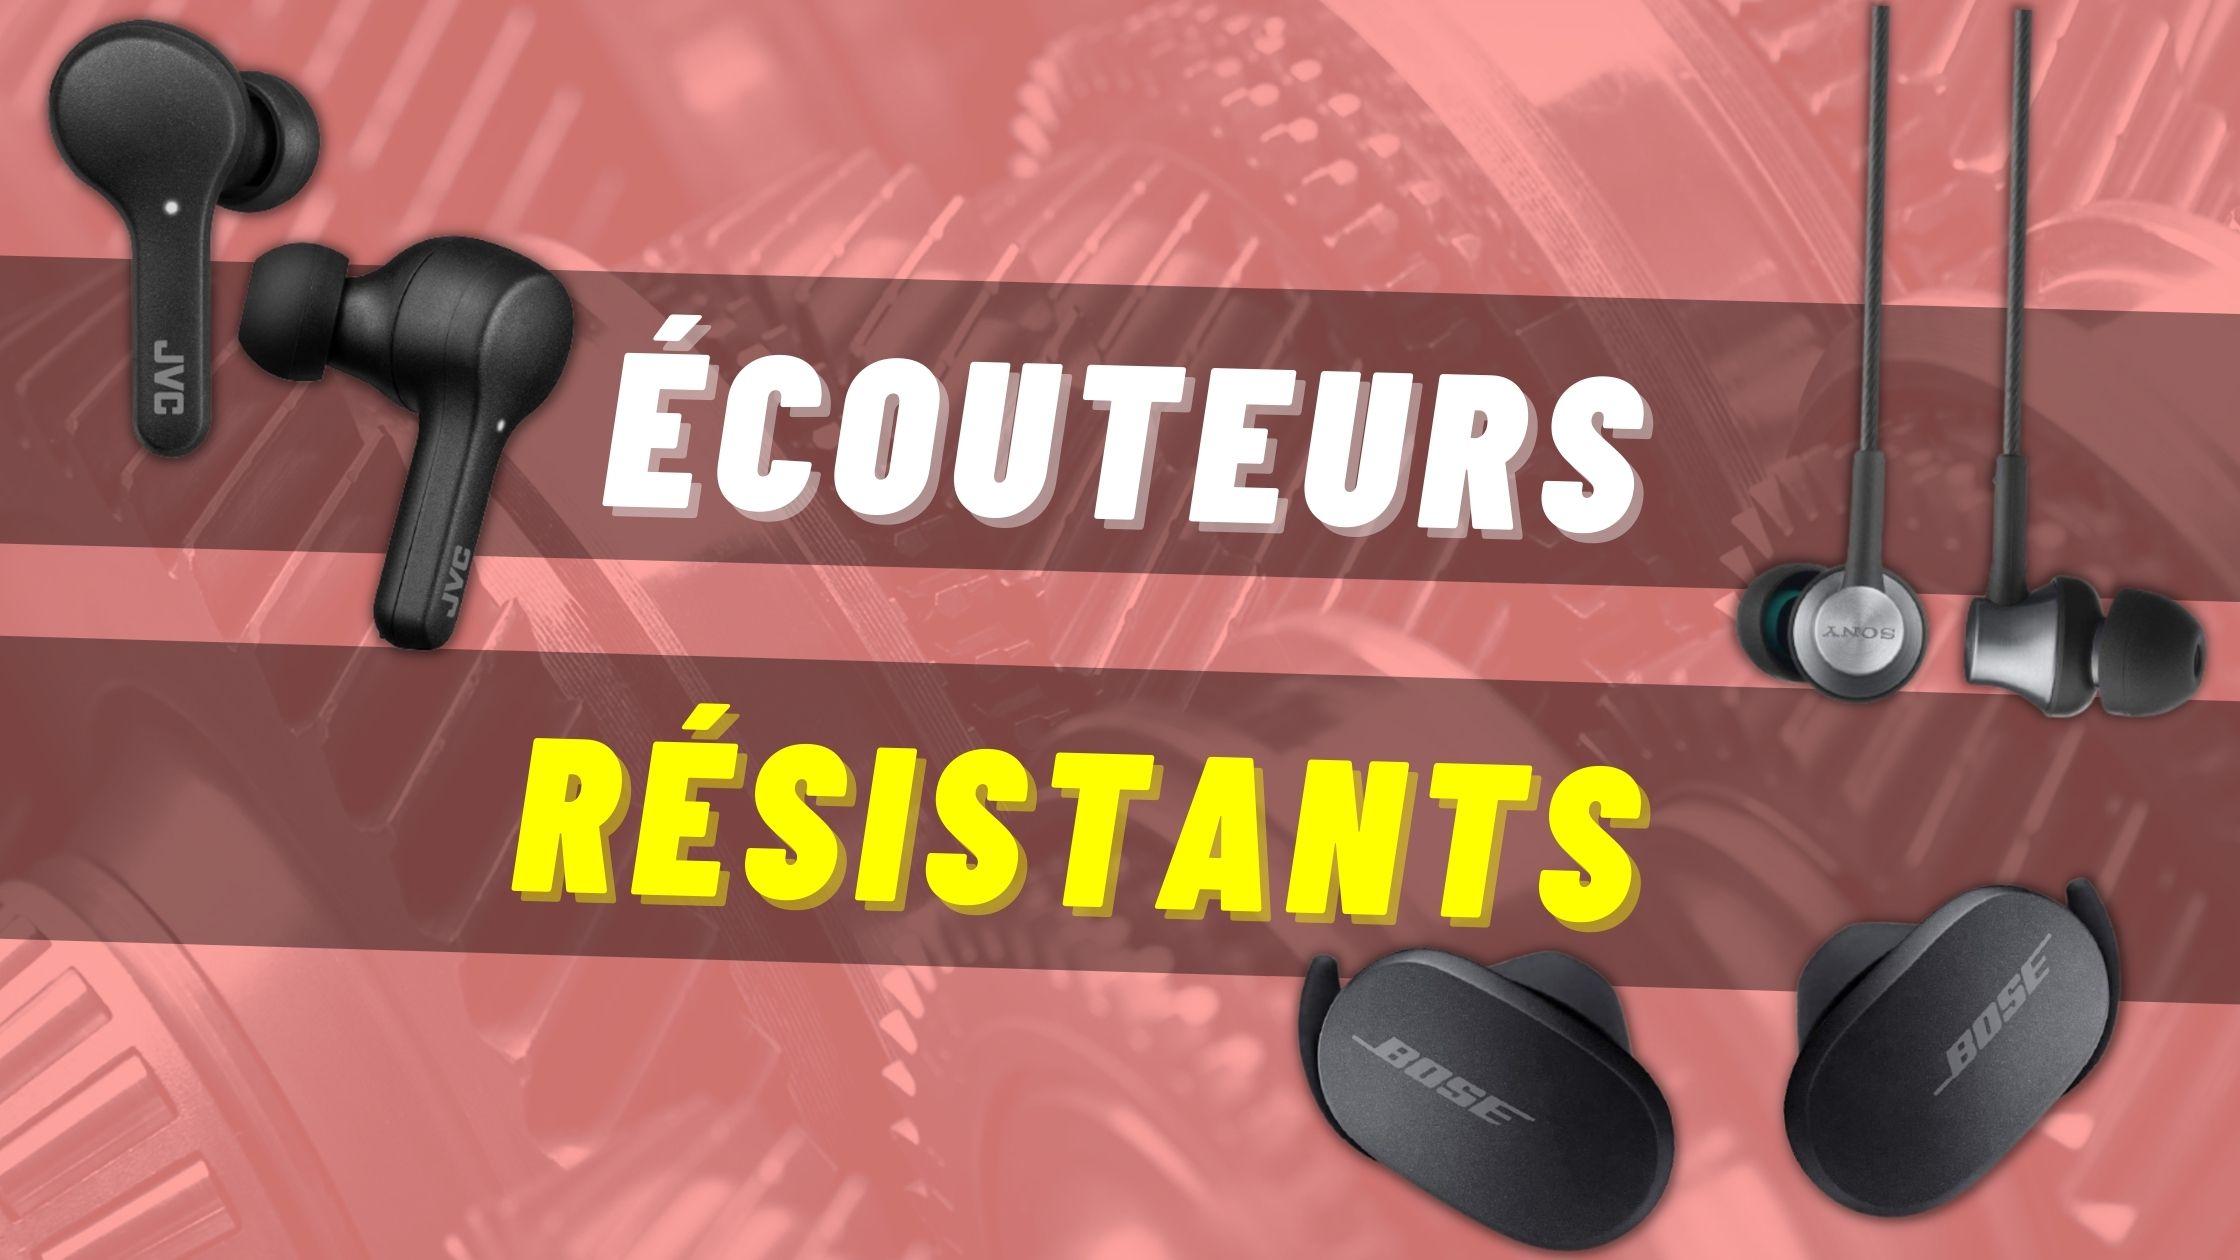 ecouteurs resistants